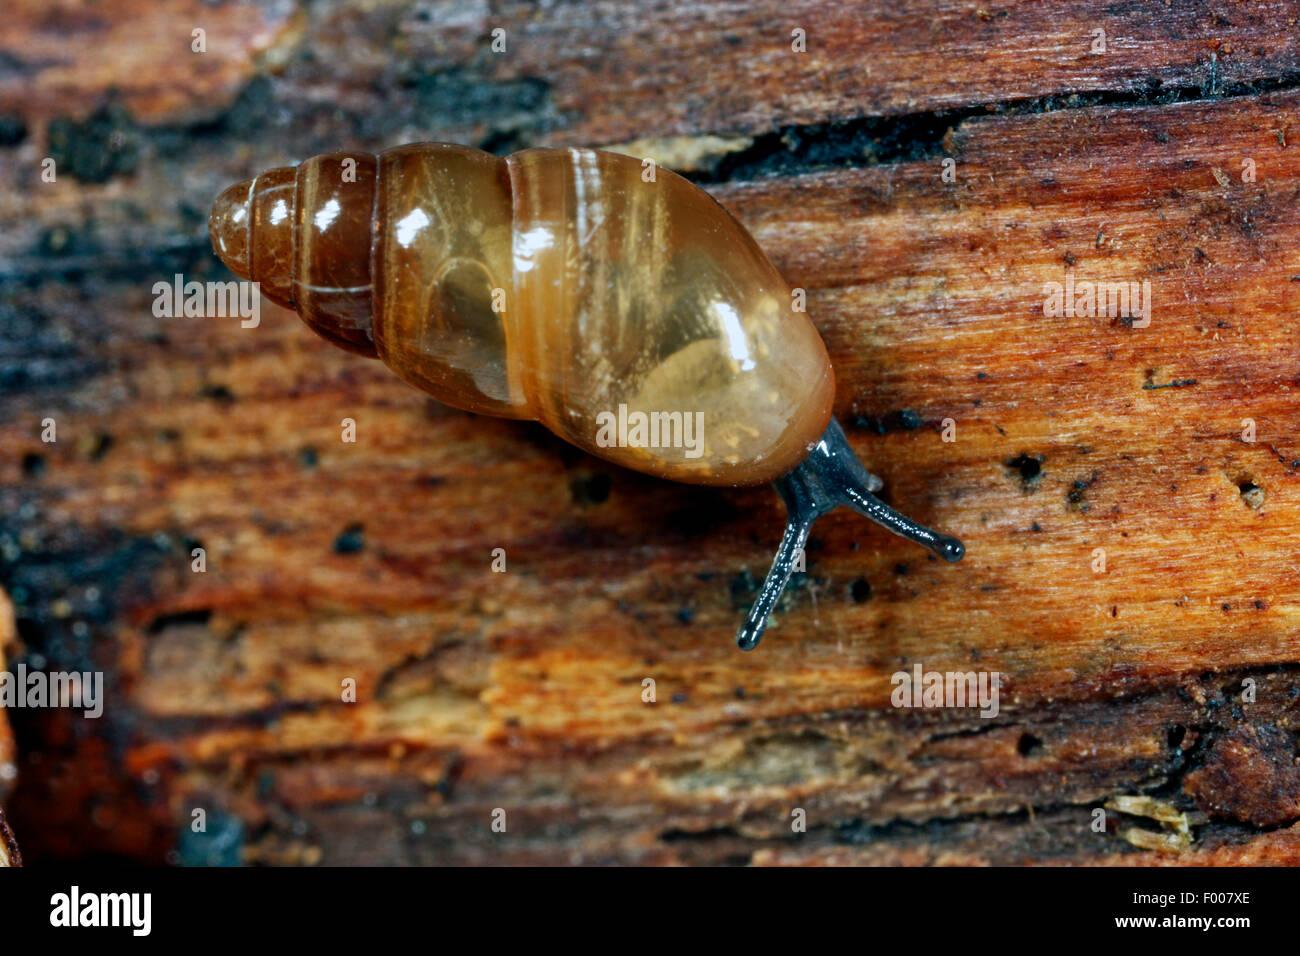 Musgo resbaladizo, Caracol Caracol (pilar brillante Cionella lubrica, lubrica Cochlicopa), arrastrándose en Imagen De Stock